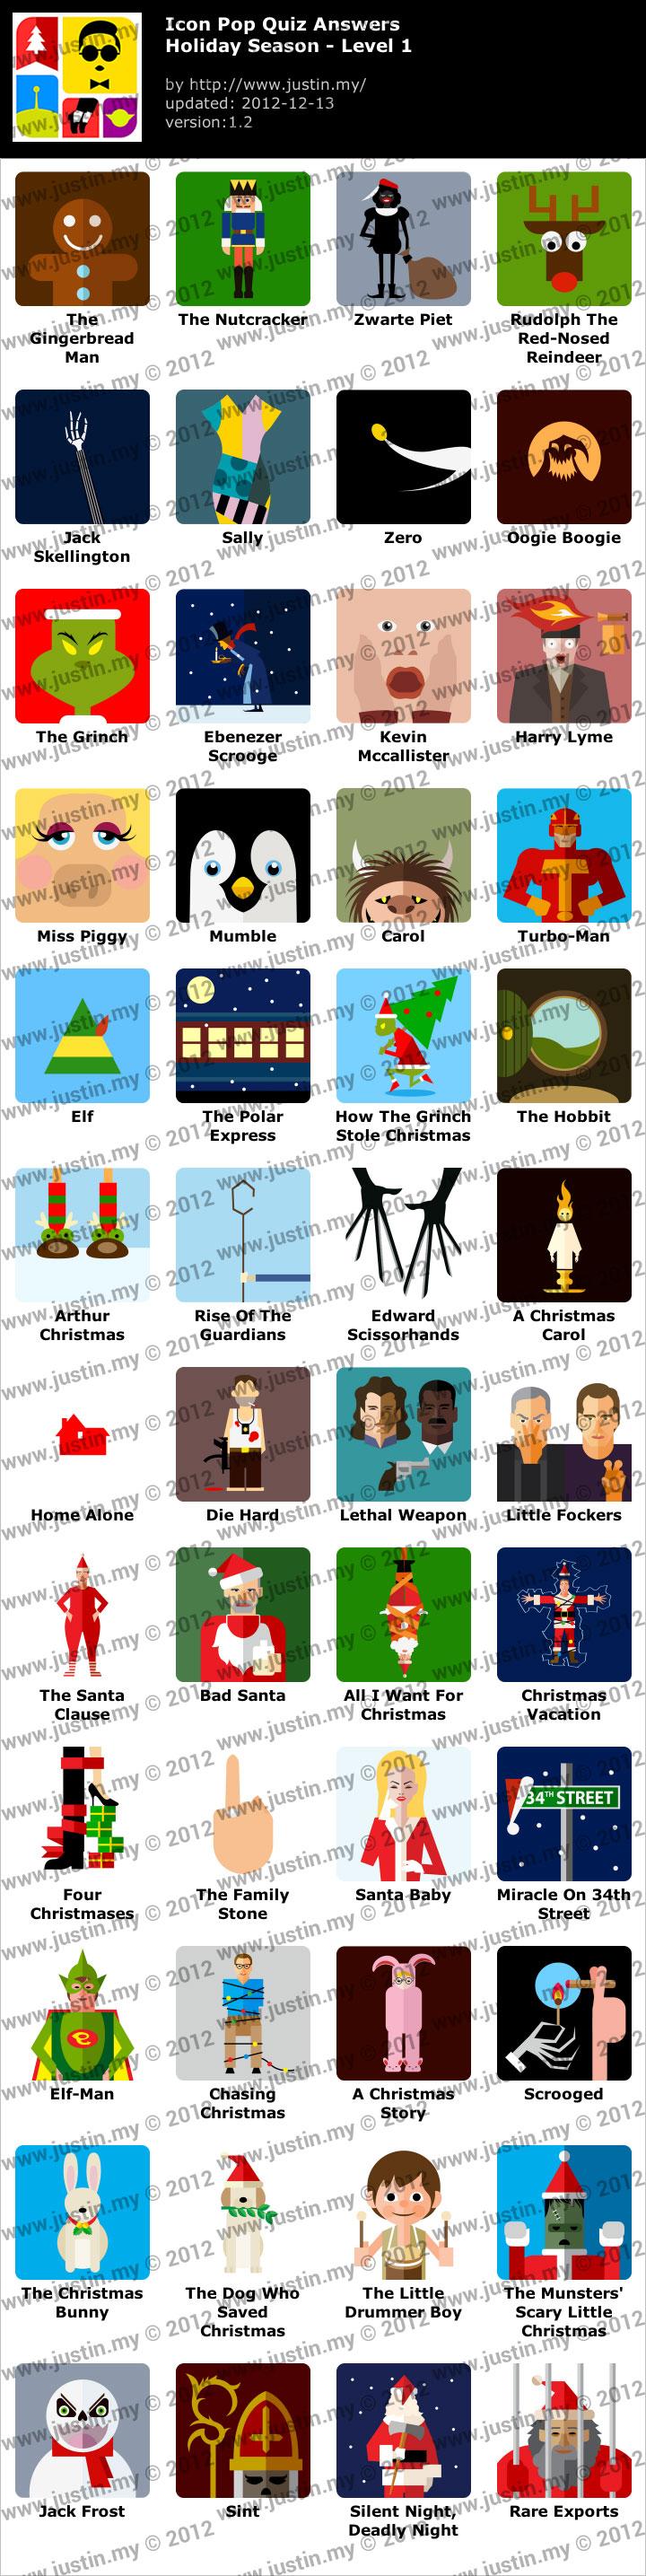 Icon Pop Quiz Holiday Season Walkthrough.